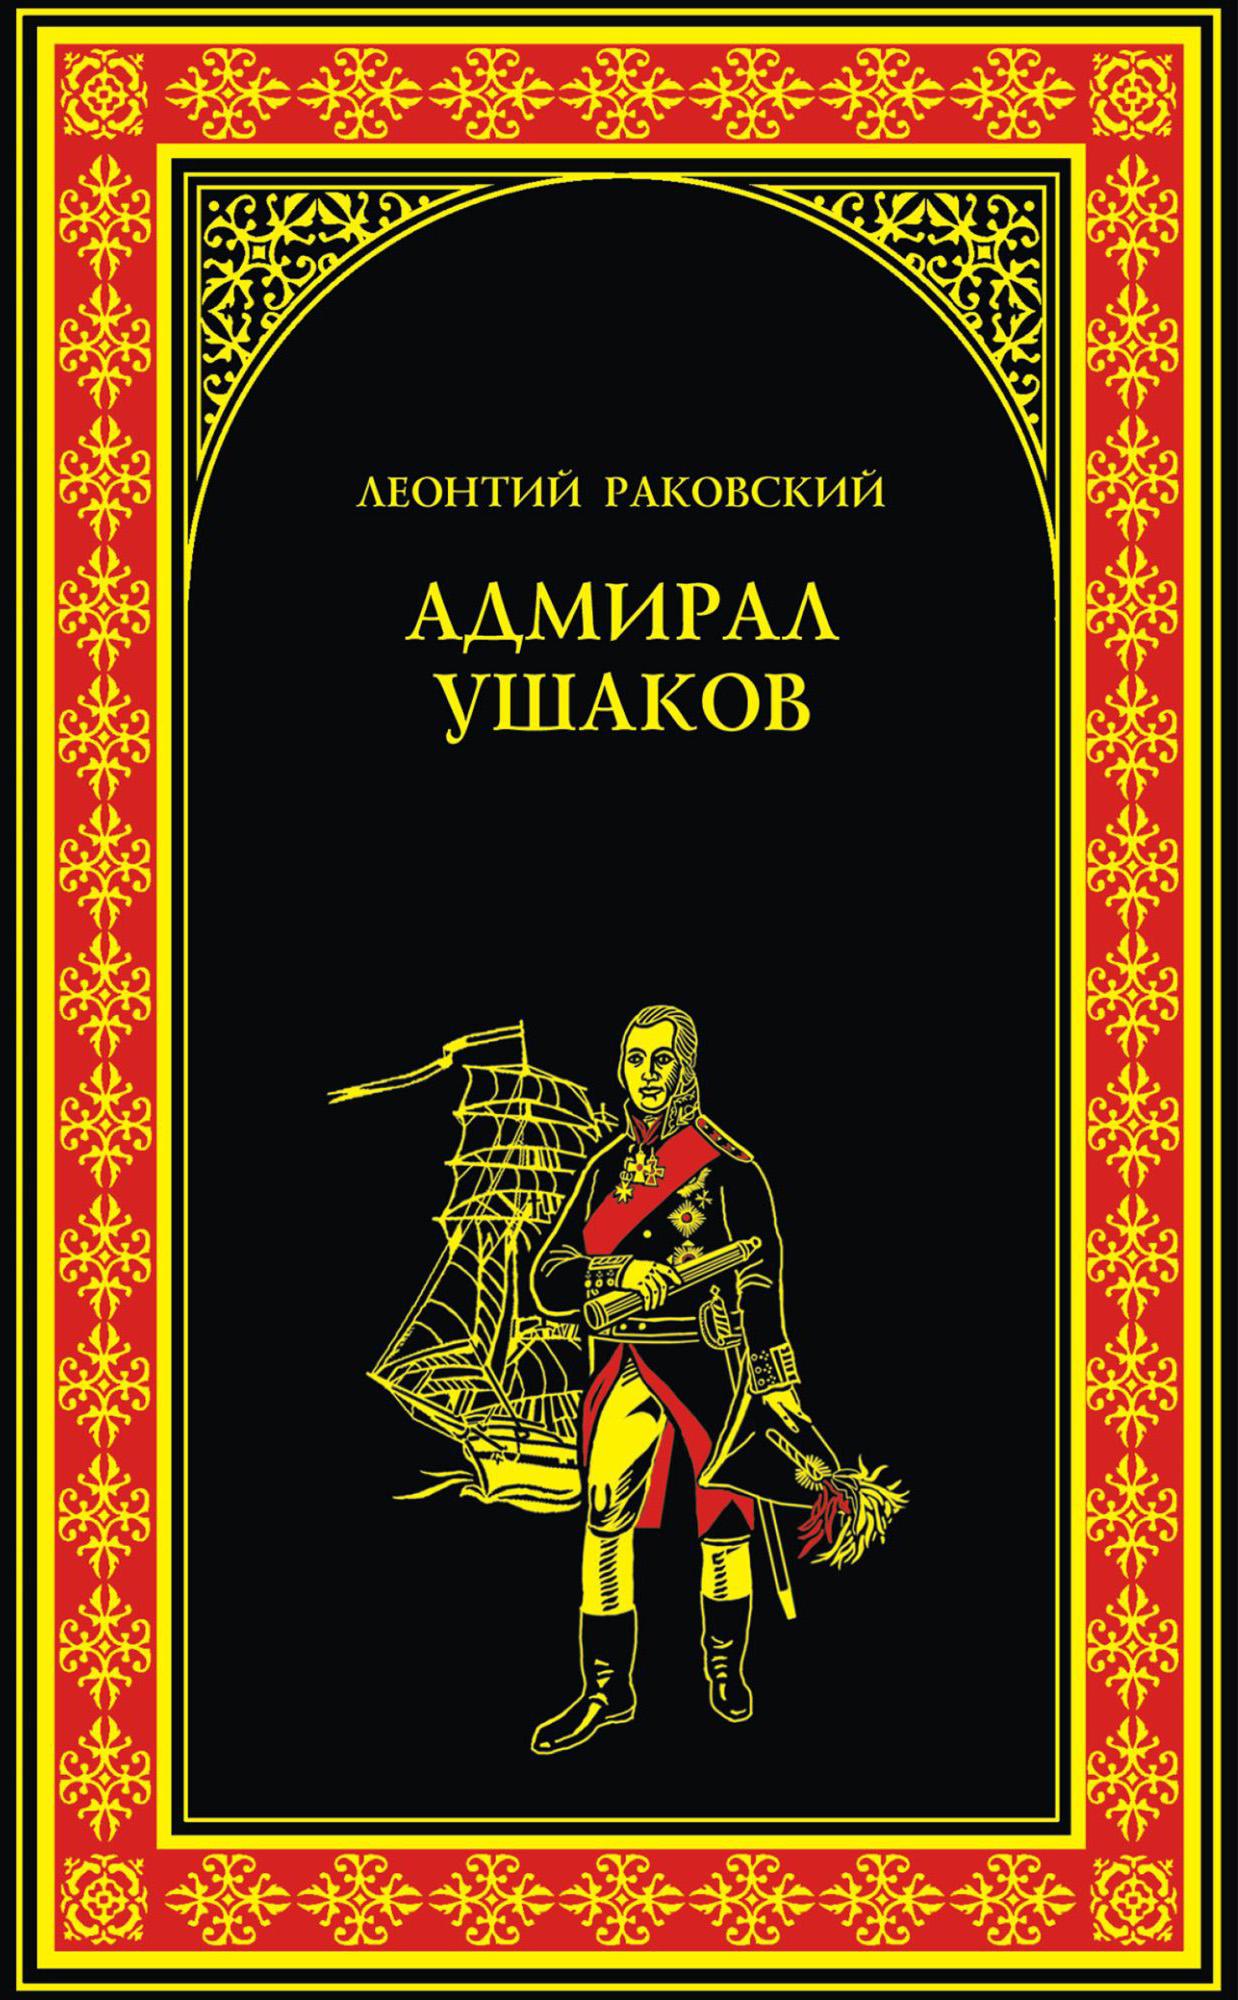 Леонтий Раковский Адмирал Ушаков л и раковский адмирал ушаков